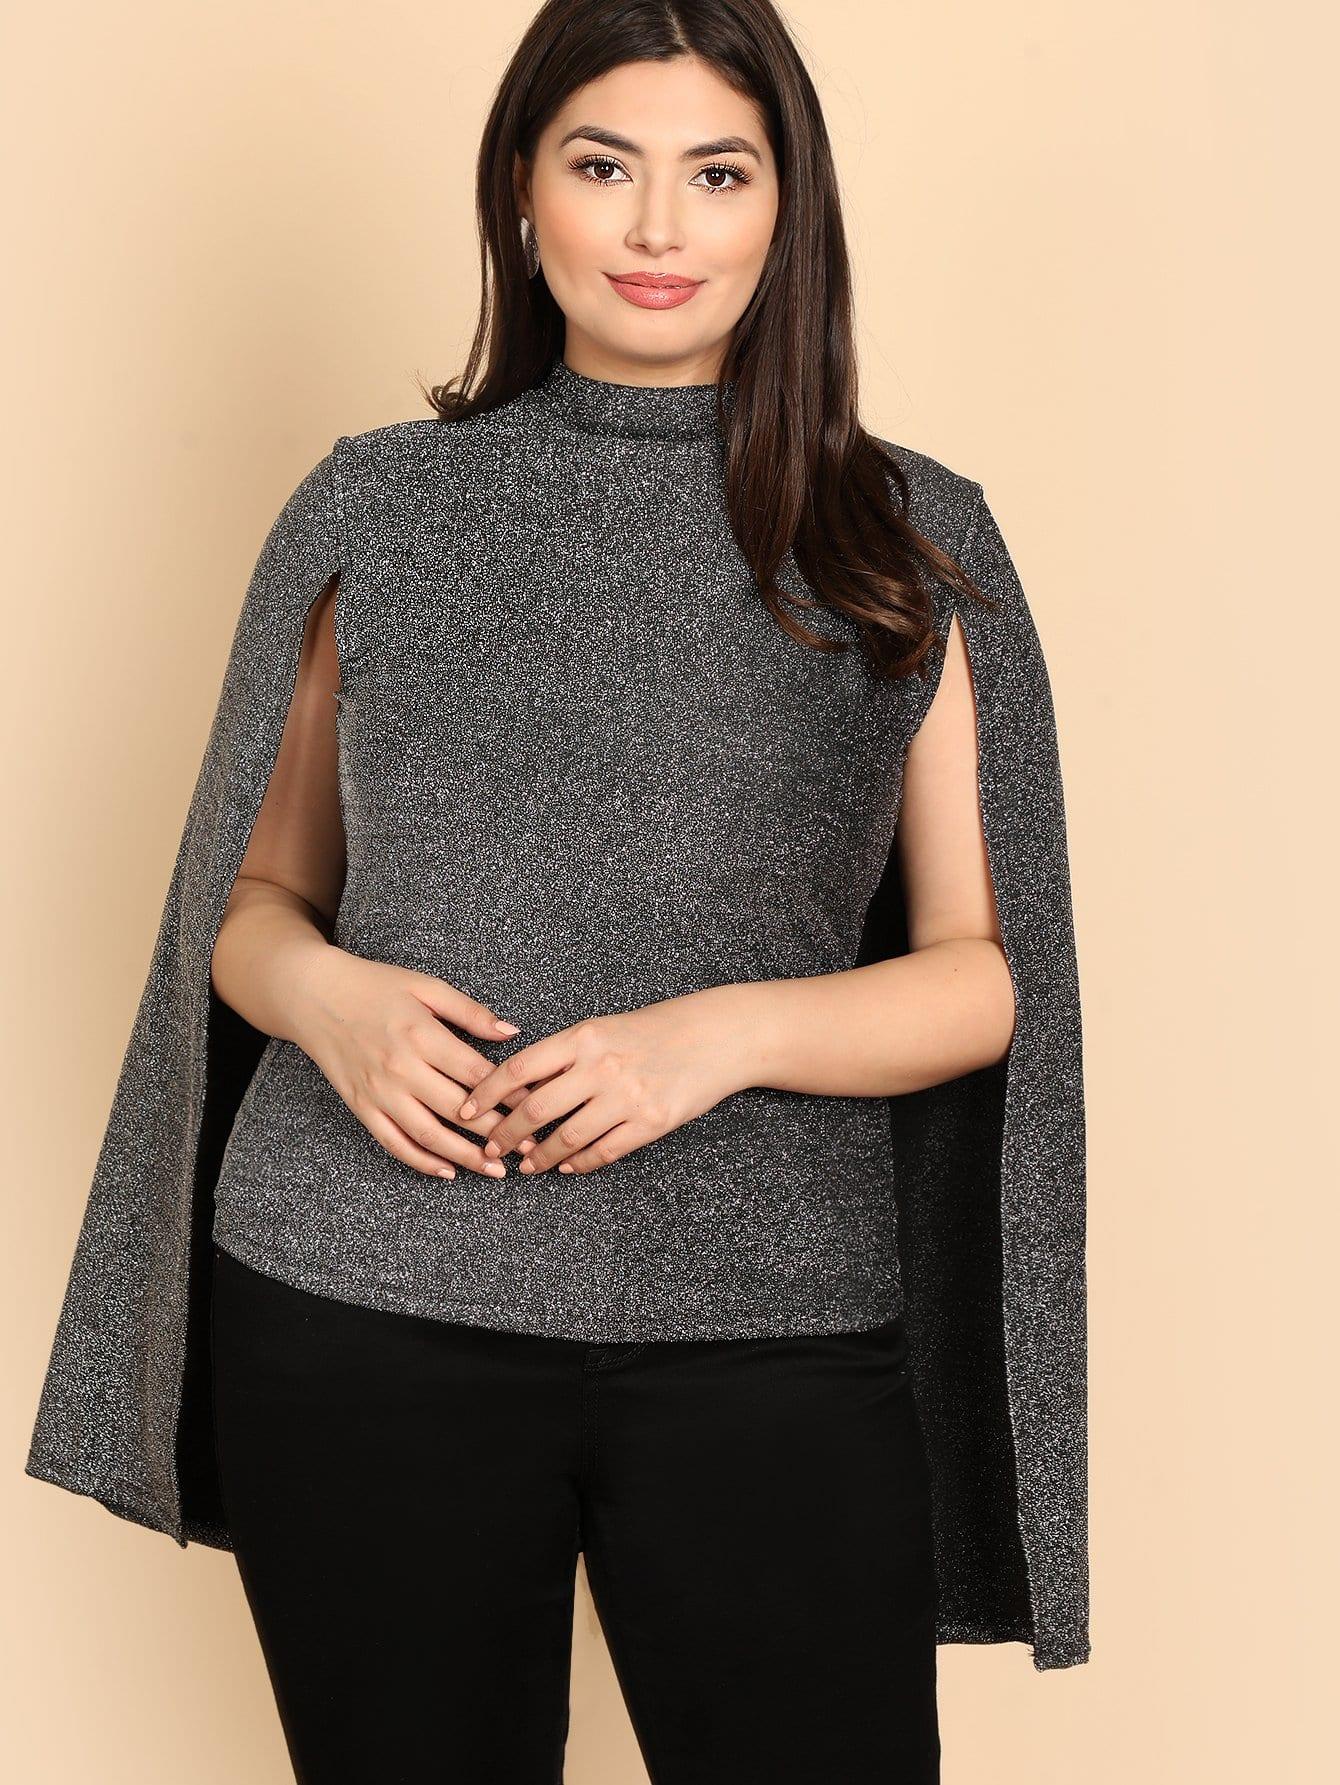 Фото - Плюс размера блестящая футболка с рукавом-пончом от SheIn цвет серые